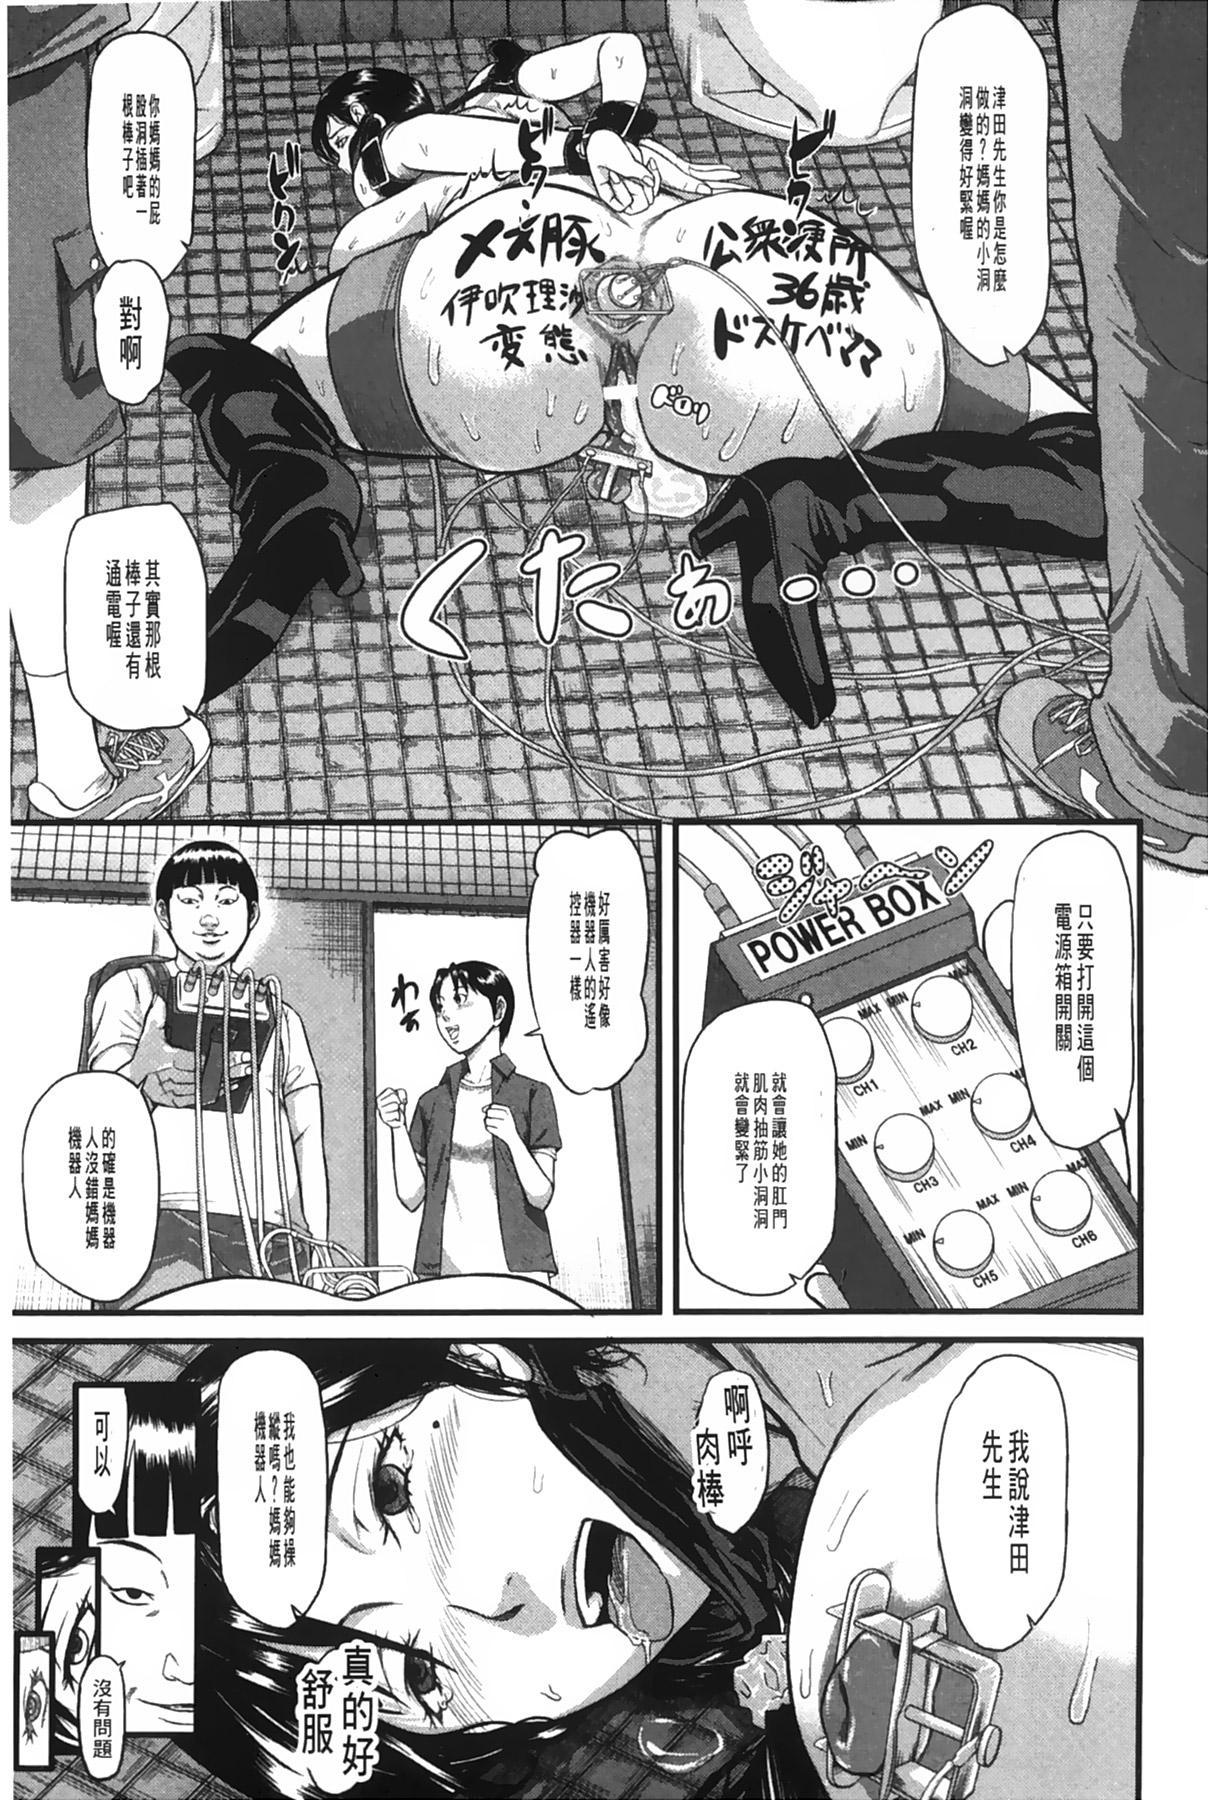 [Honebuto Danshaku] Onna Jigoku Niku no Tsubo~Hentai Rui Inran Ka Mesu Buta Ichidaiki~ | 女地獄、肉之壺 ~変態類淫乱科淫母豬一代記~ [Chinese] 15